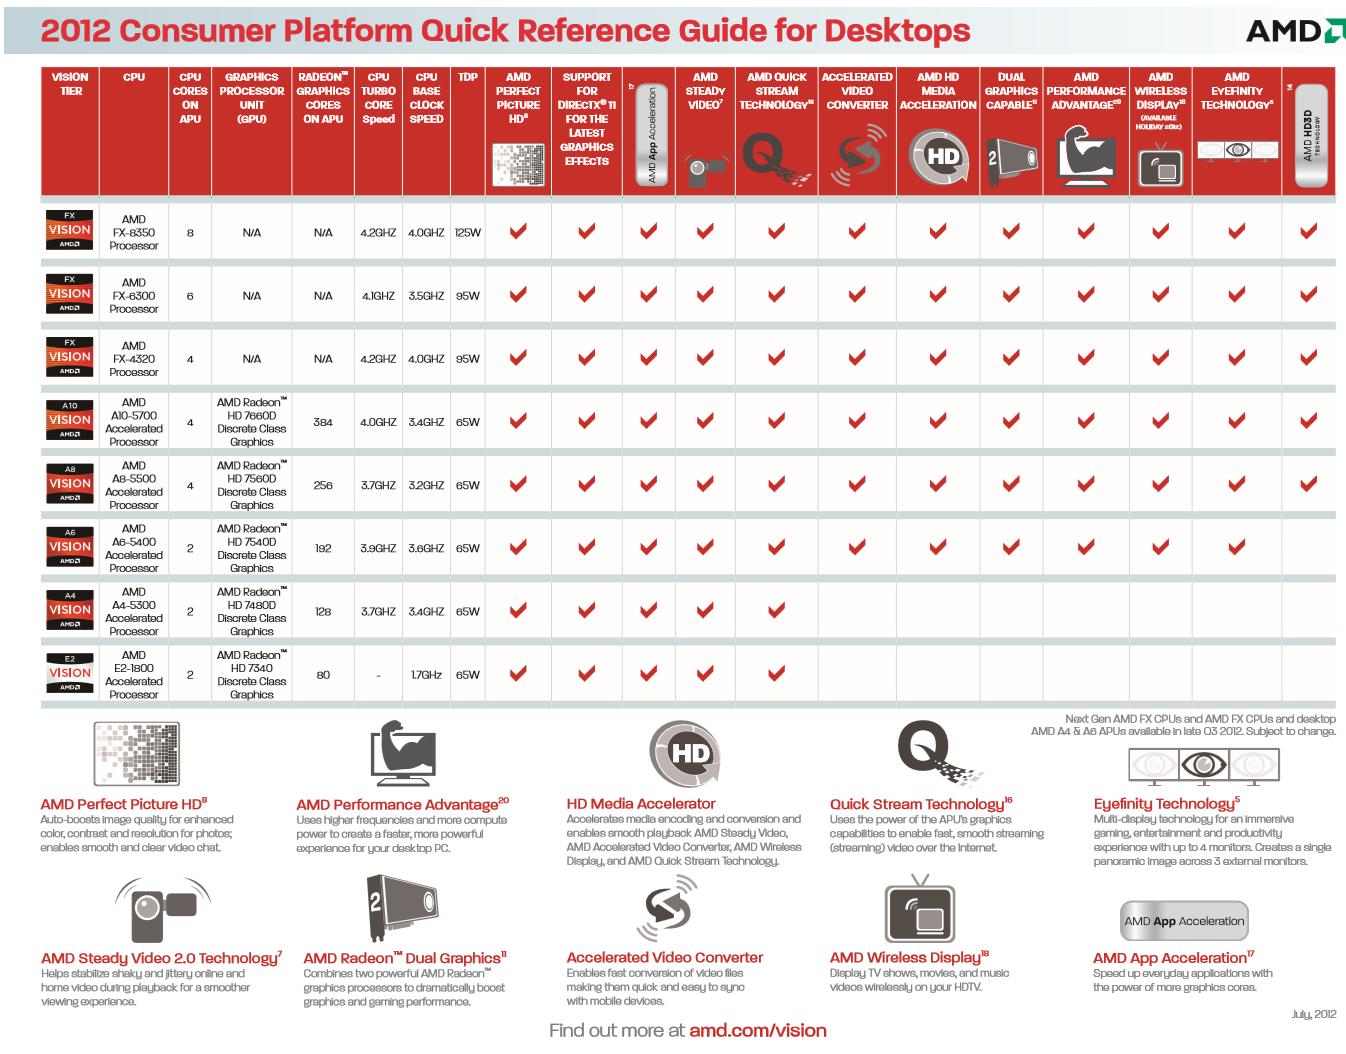 """Характеристики процессоров AMD FX-8350 """"Vishera"""" утекли в сеть"""